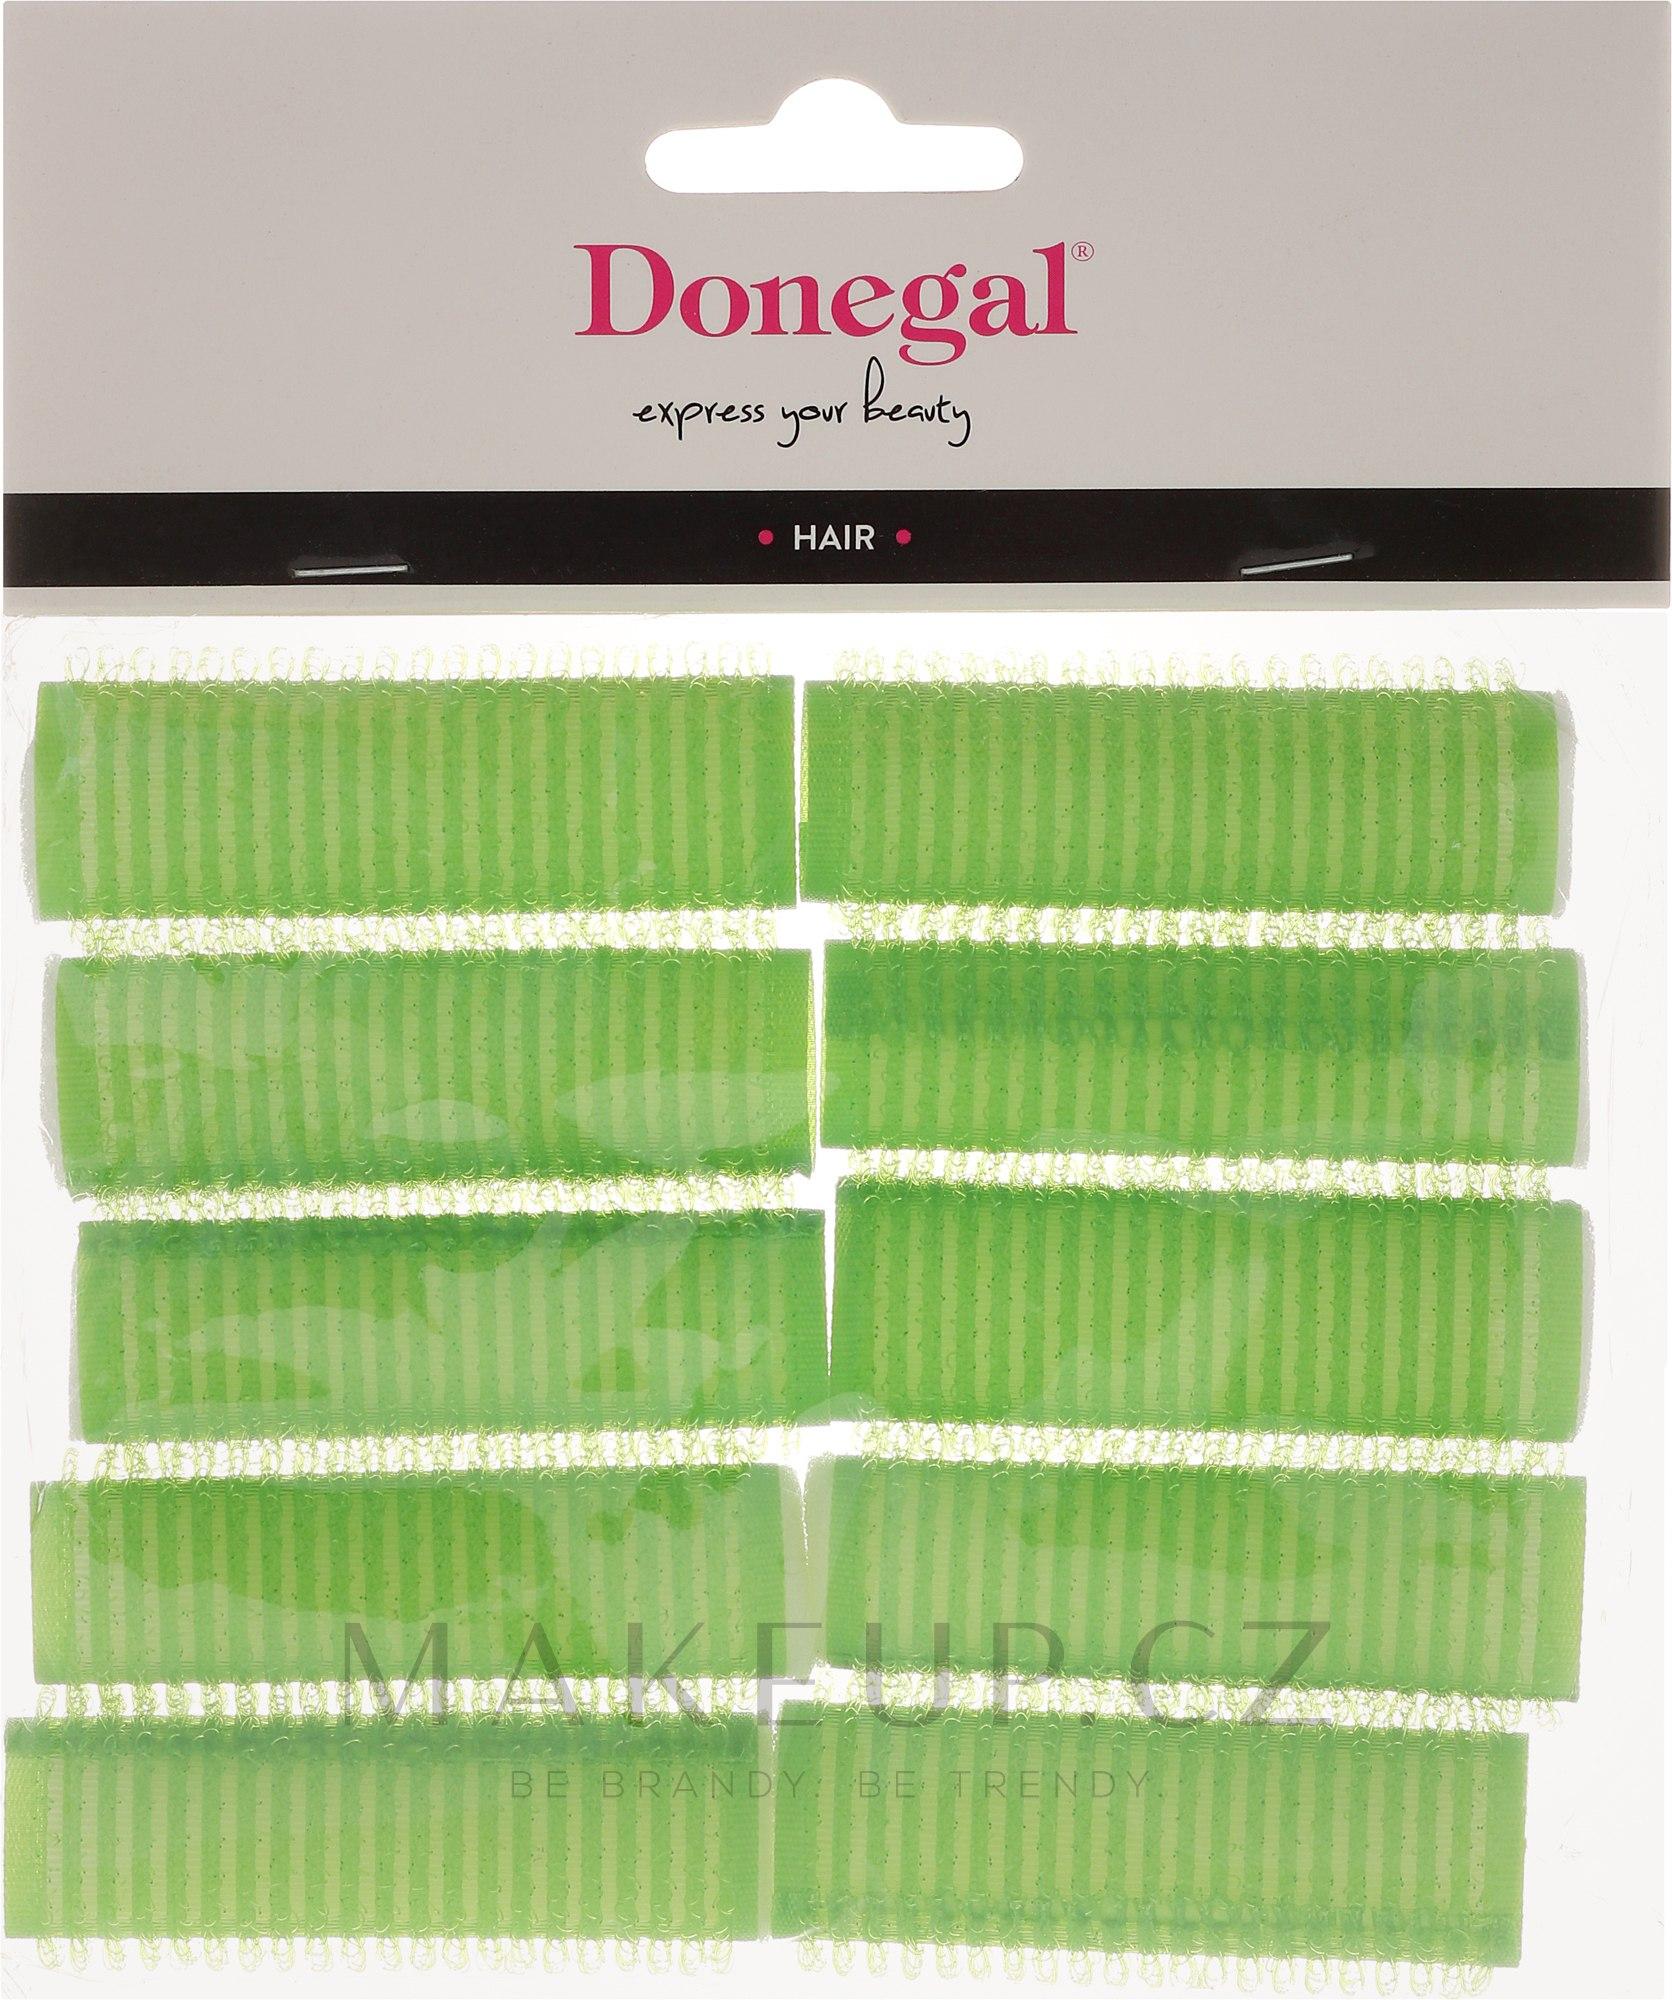 Pěnové natáčky, 20mm, 10ks - Donegal Hair Curlers — foto 10 ks.